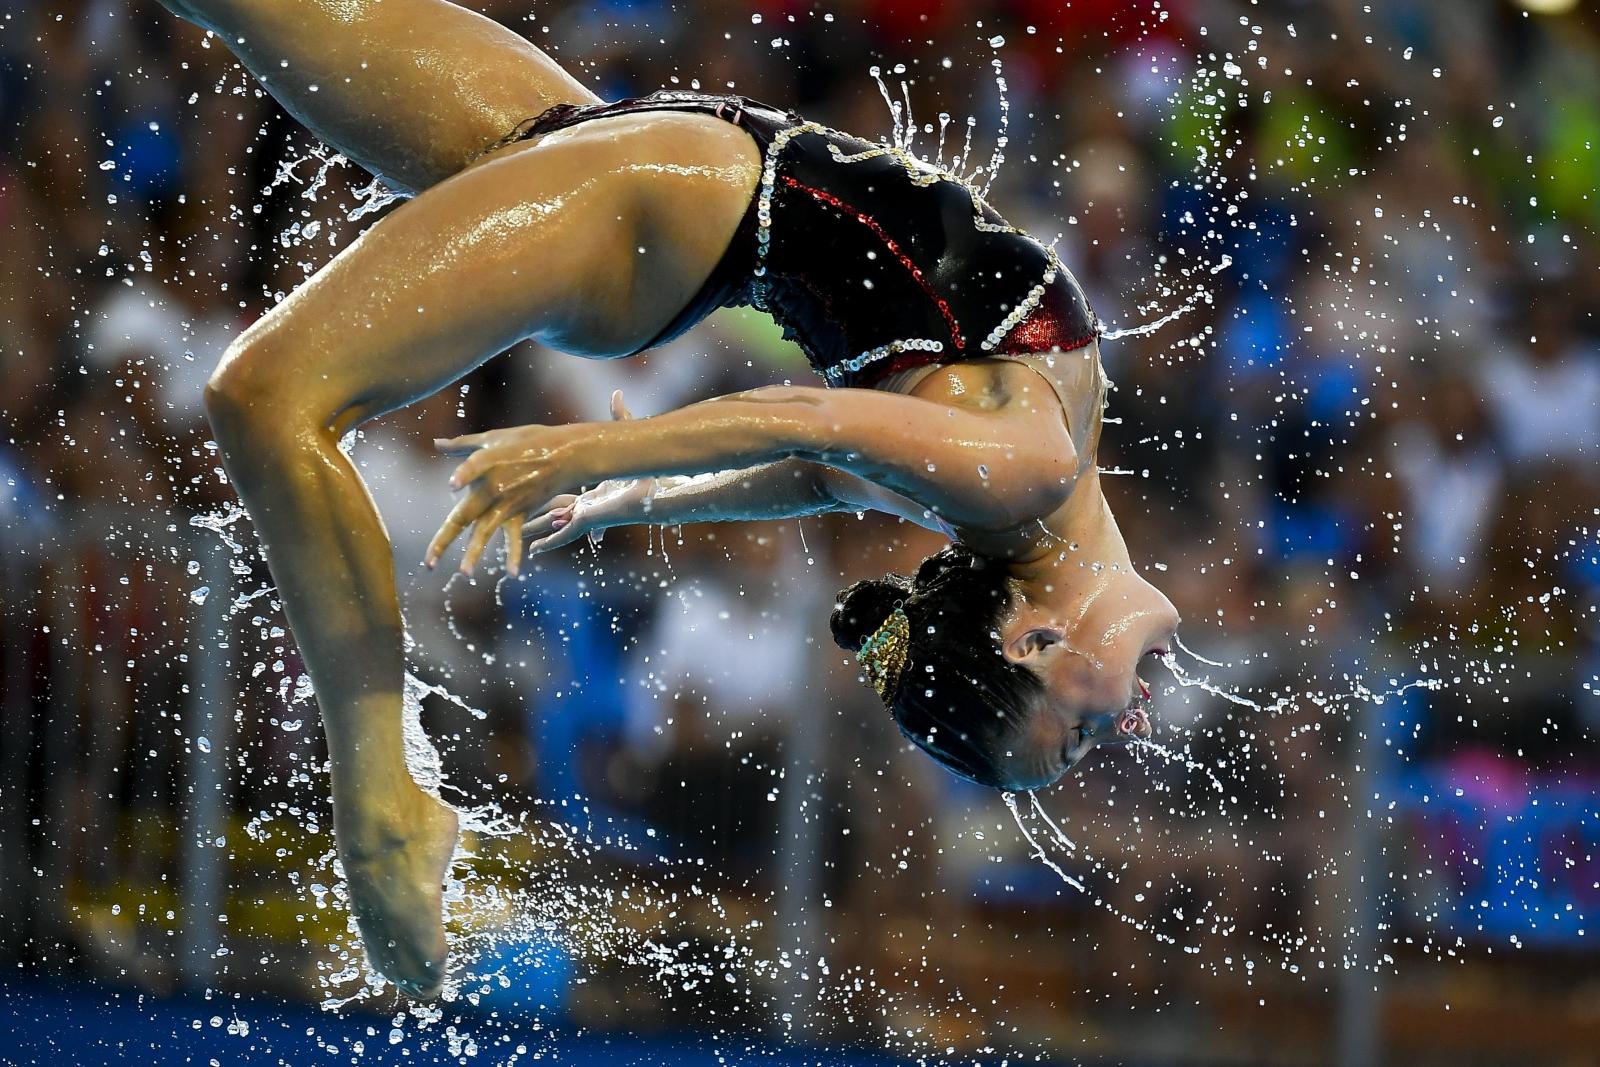 Wodna akrobatyka, podczas mistrzostw w Budapeszcie, Węgry.